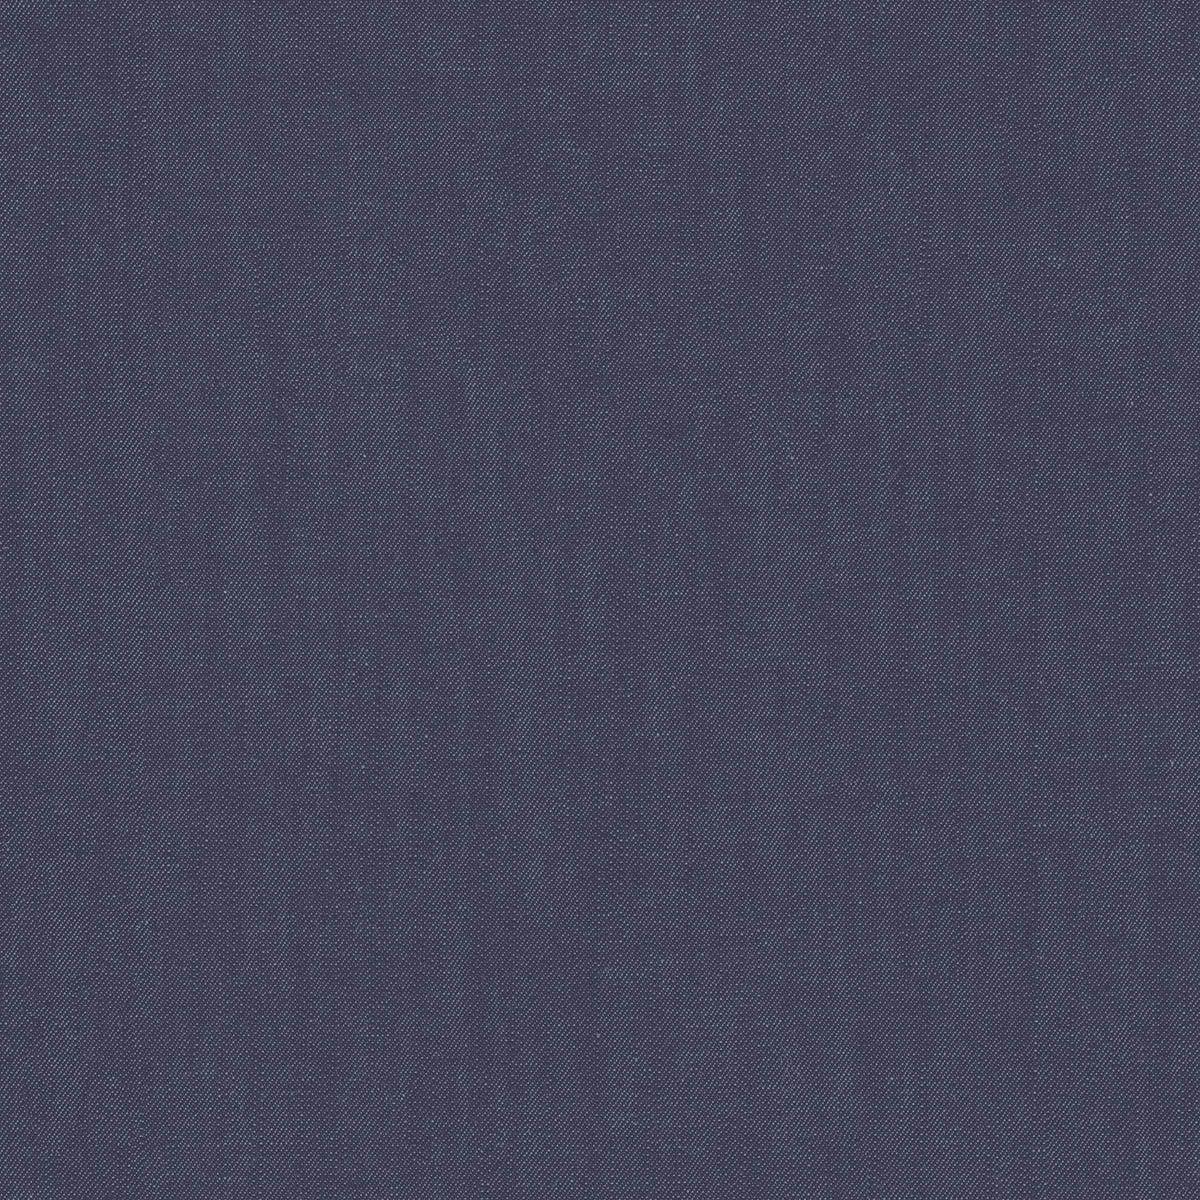 Papel de Parede Deauville 2 G23320 - Rolo: 10m x 0,53m